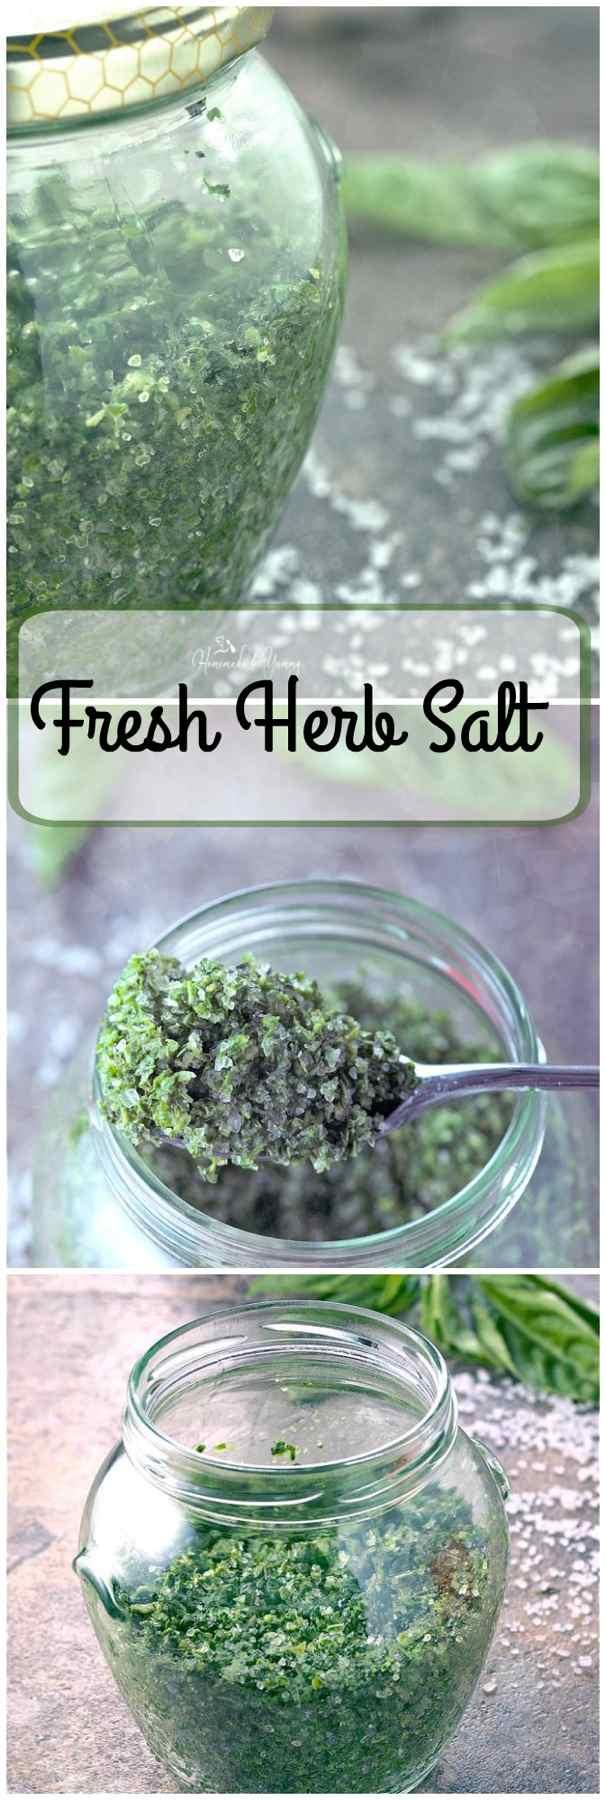 Fresh Herb Salt long pin image.